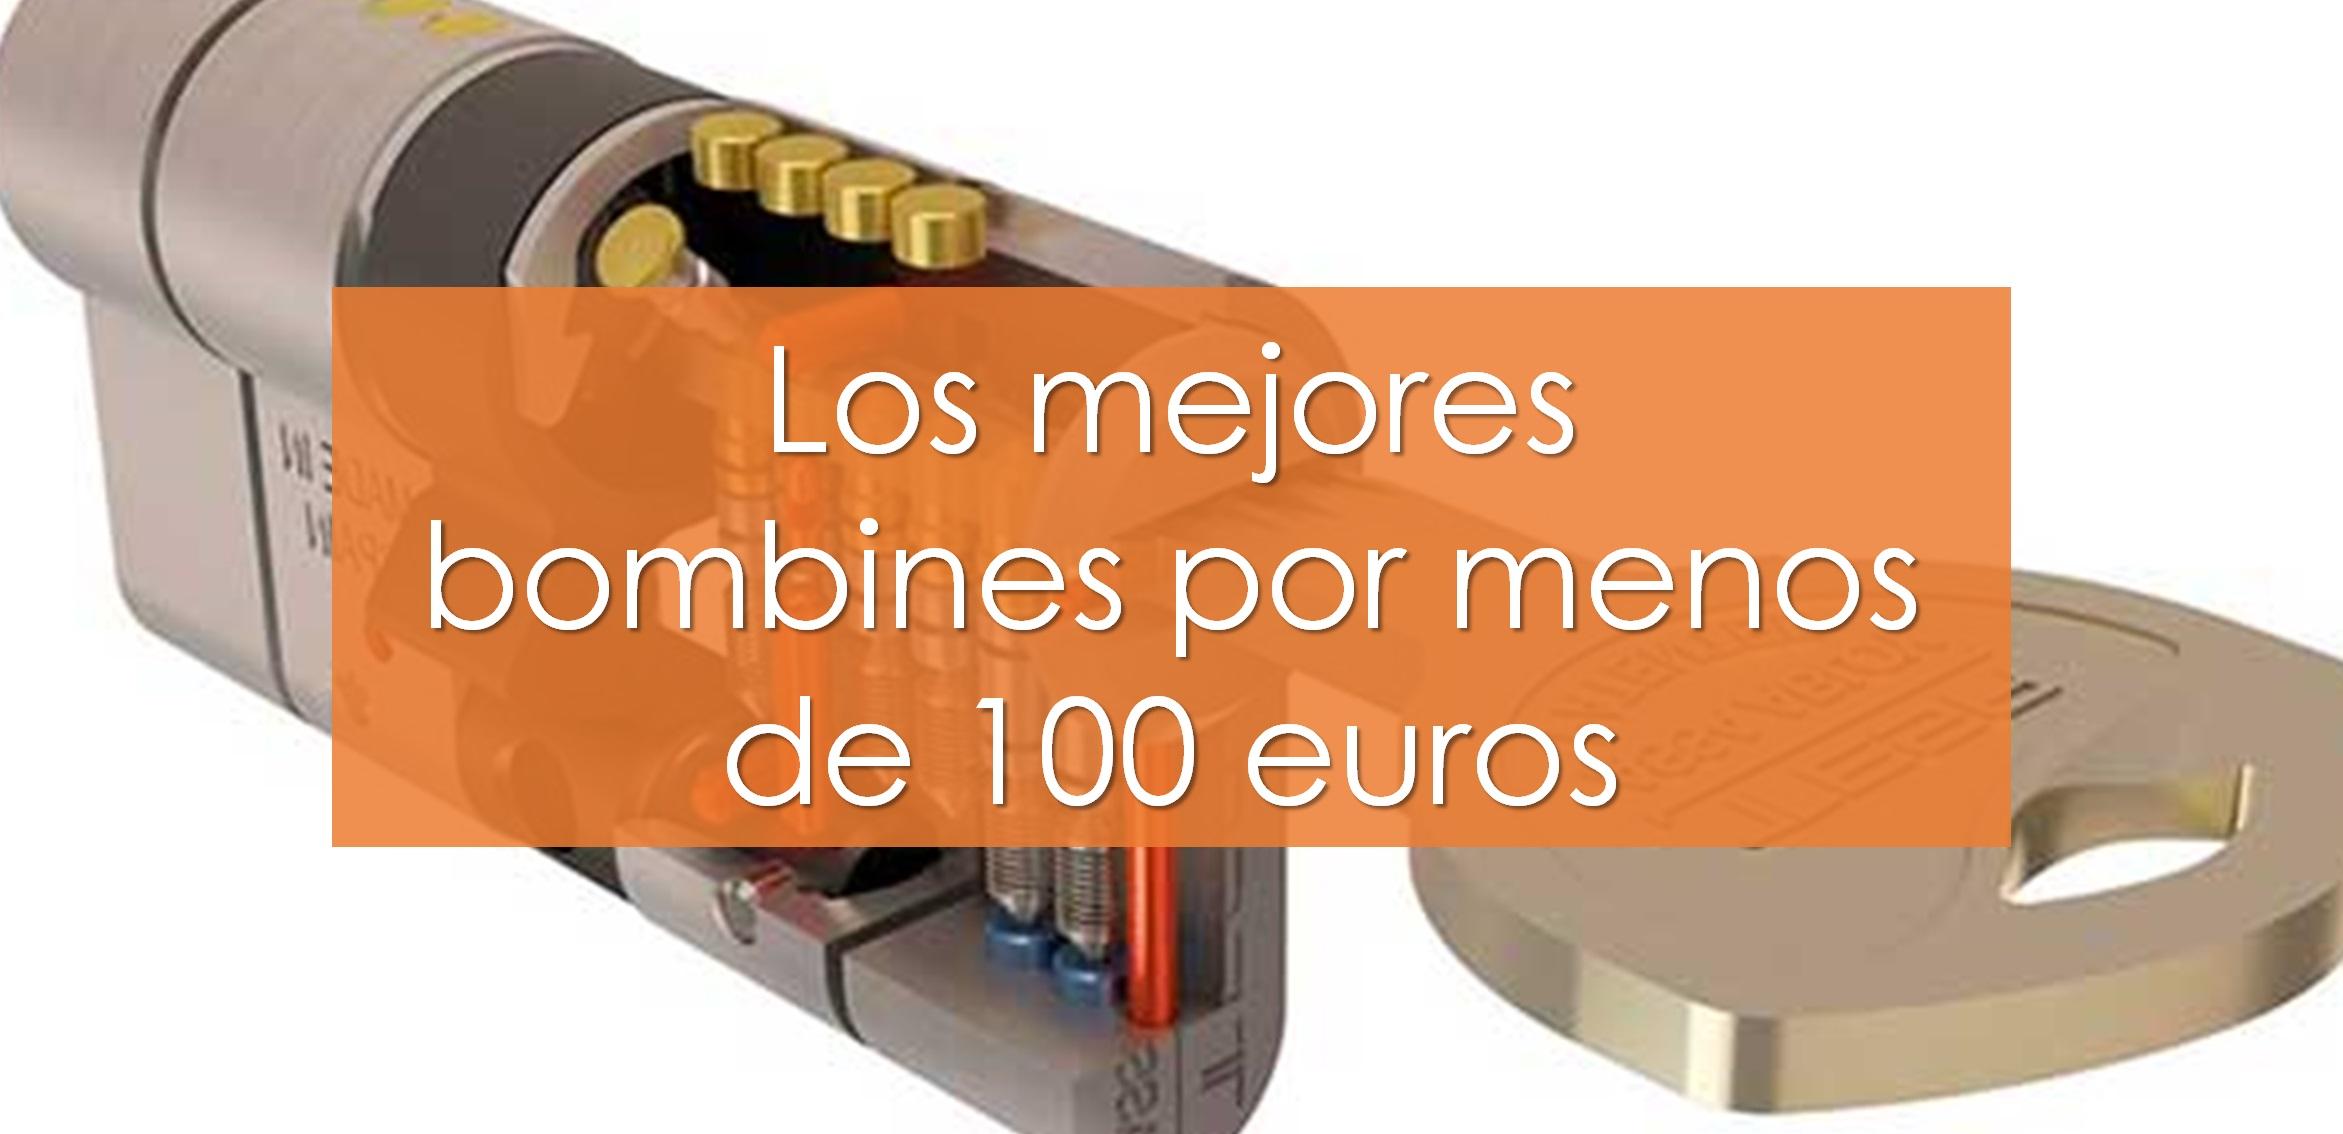 Los mejores bombines por menos de 100 euros